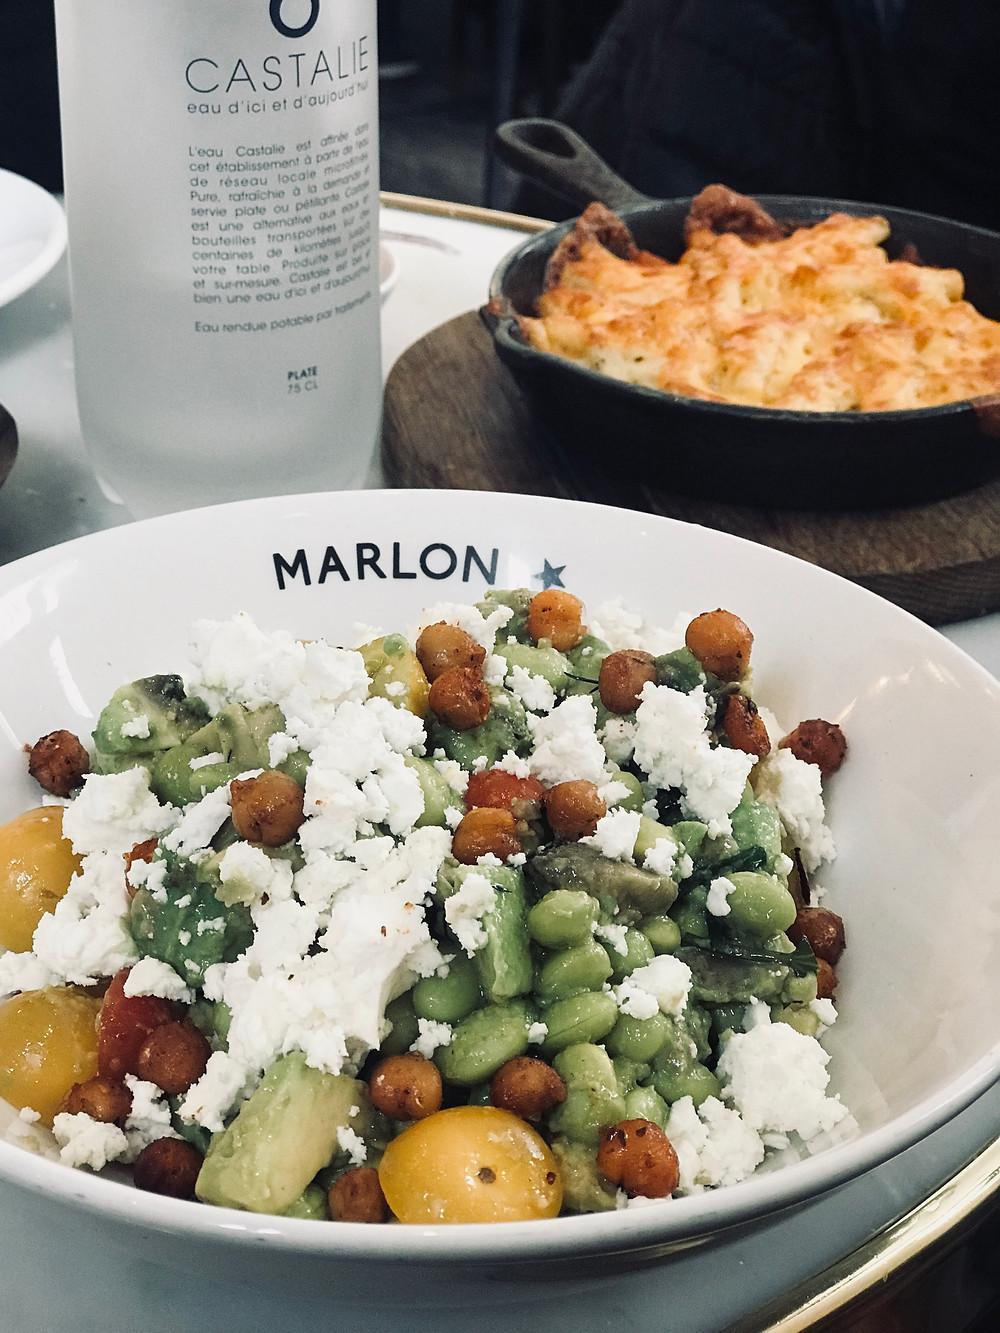 La food délicieuse du Marlon